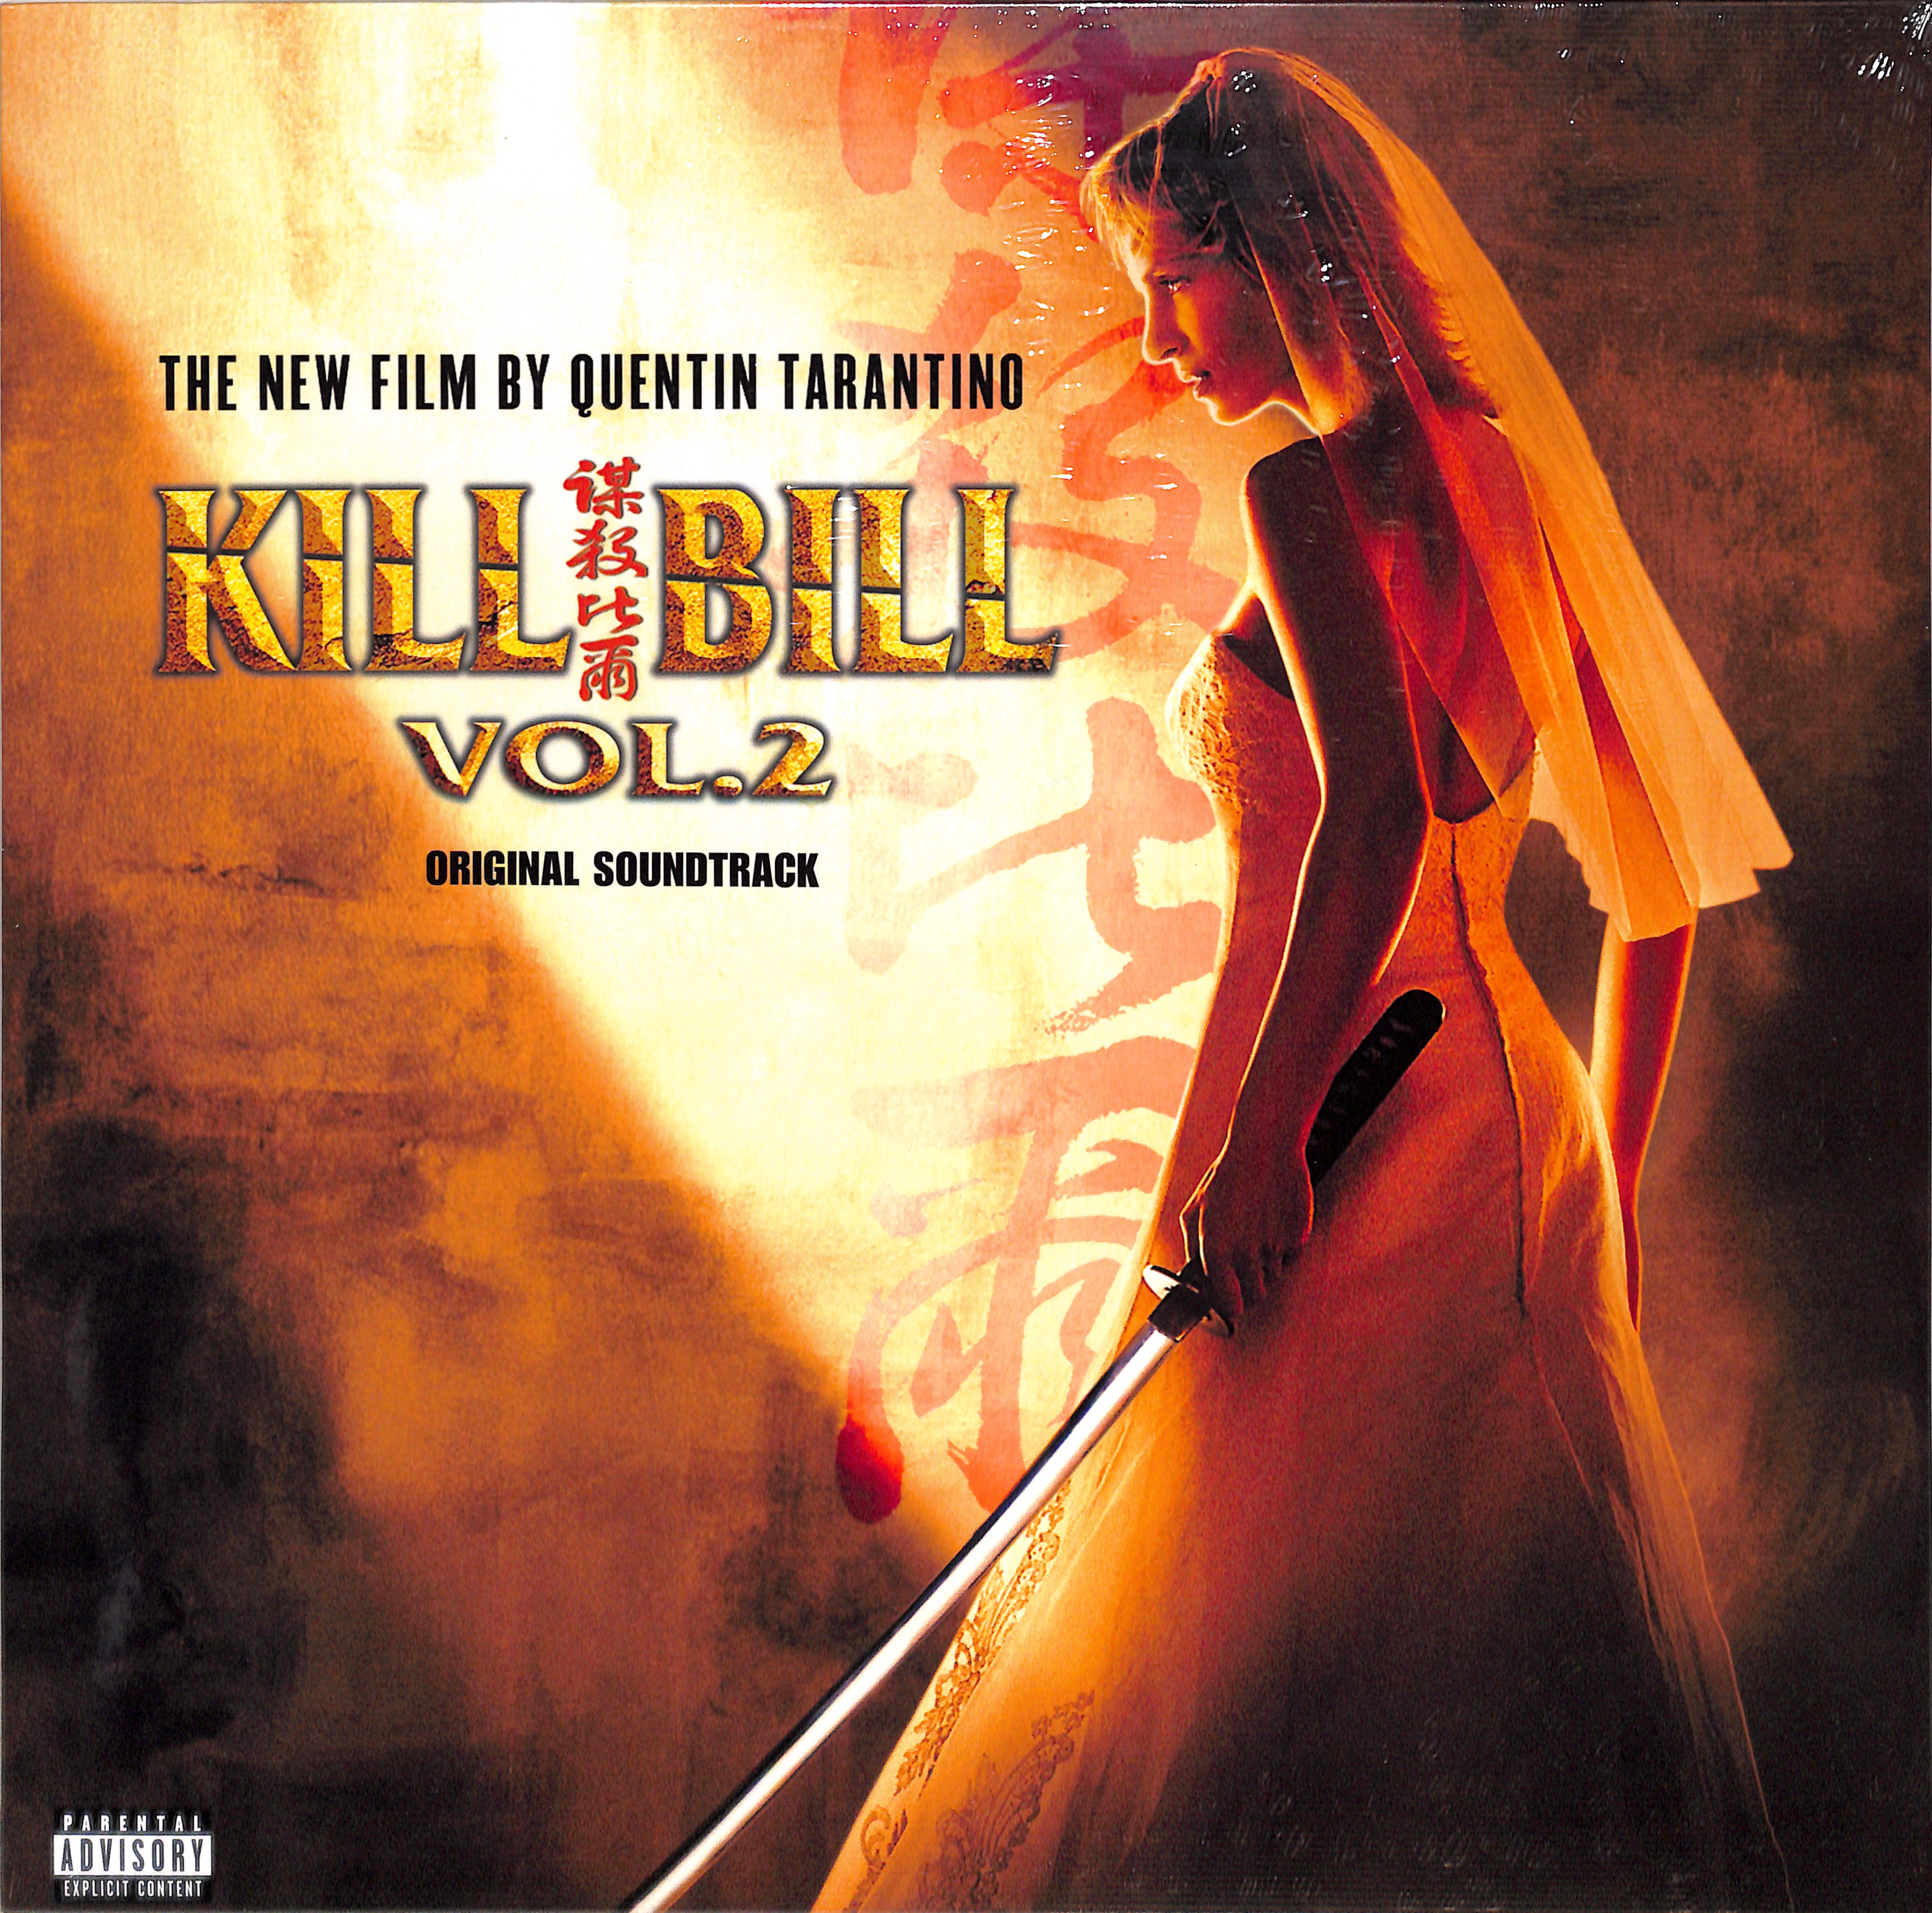 Various Artists - KILL BILL VOL. 2 - ORIGINAL SOUNDTRACK